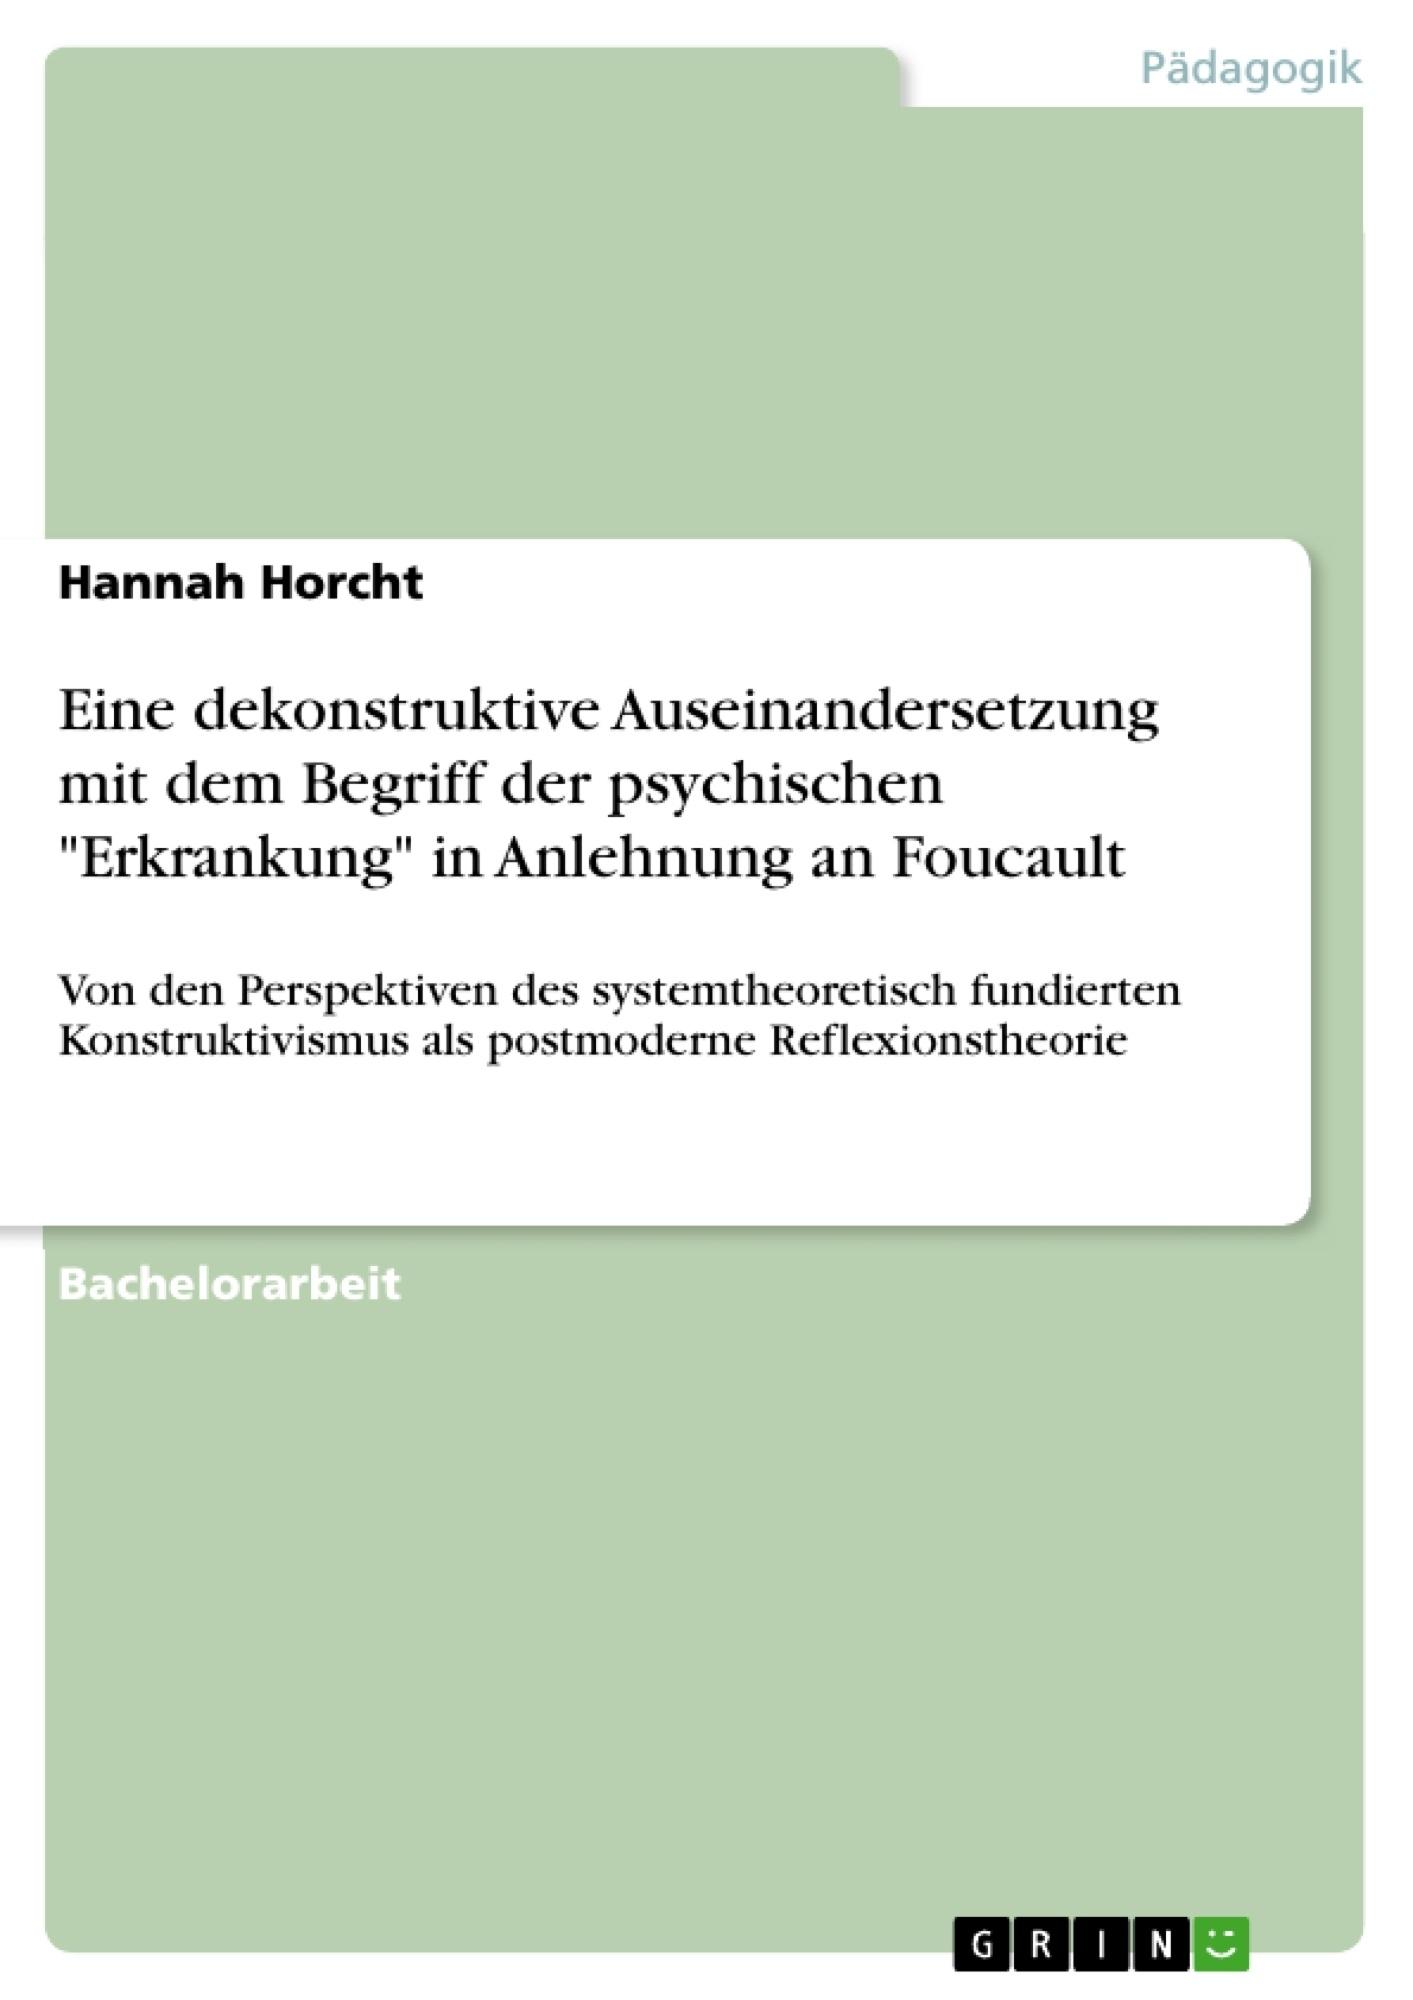 """Titel: Eine dekonstruktive Auseinandersetzung mit dem Begriff der psychischen """"Erkrankung"""" in Anlehnung an Foucault"""